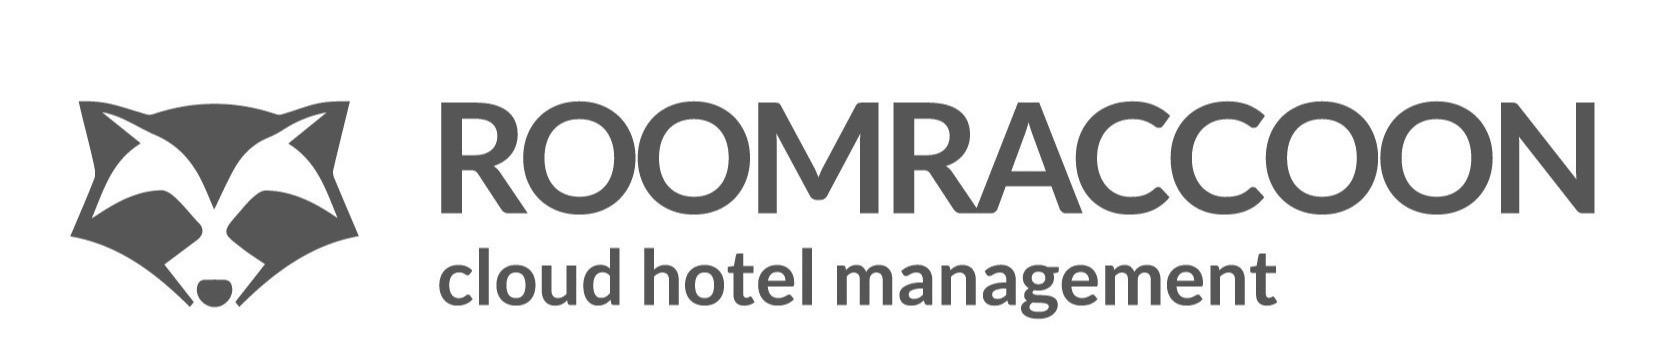 Roomraccoon